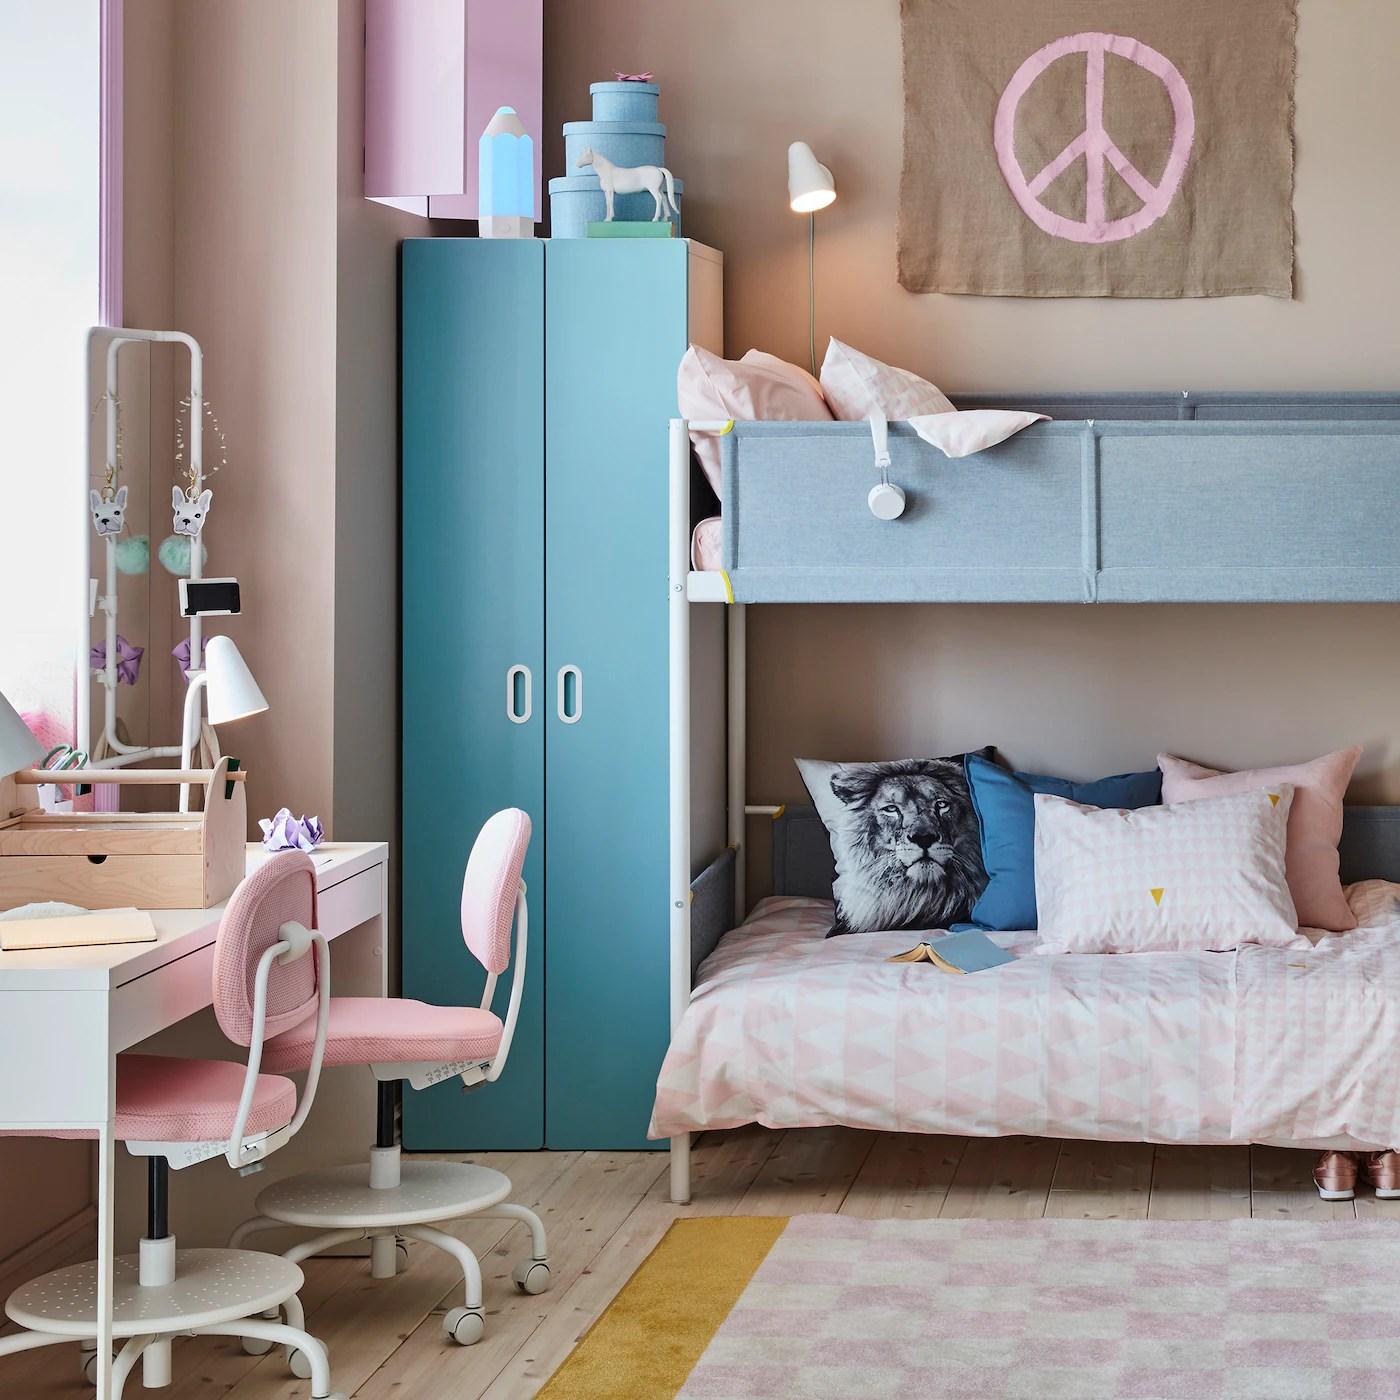 IKEA children's room   IKEA